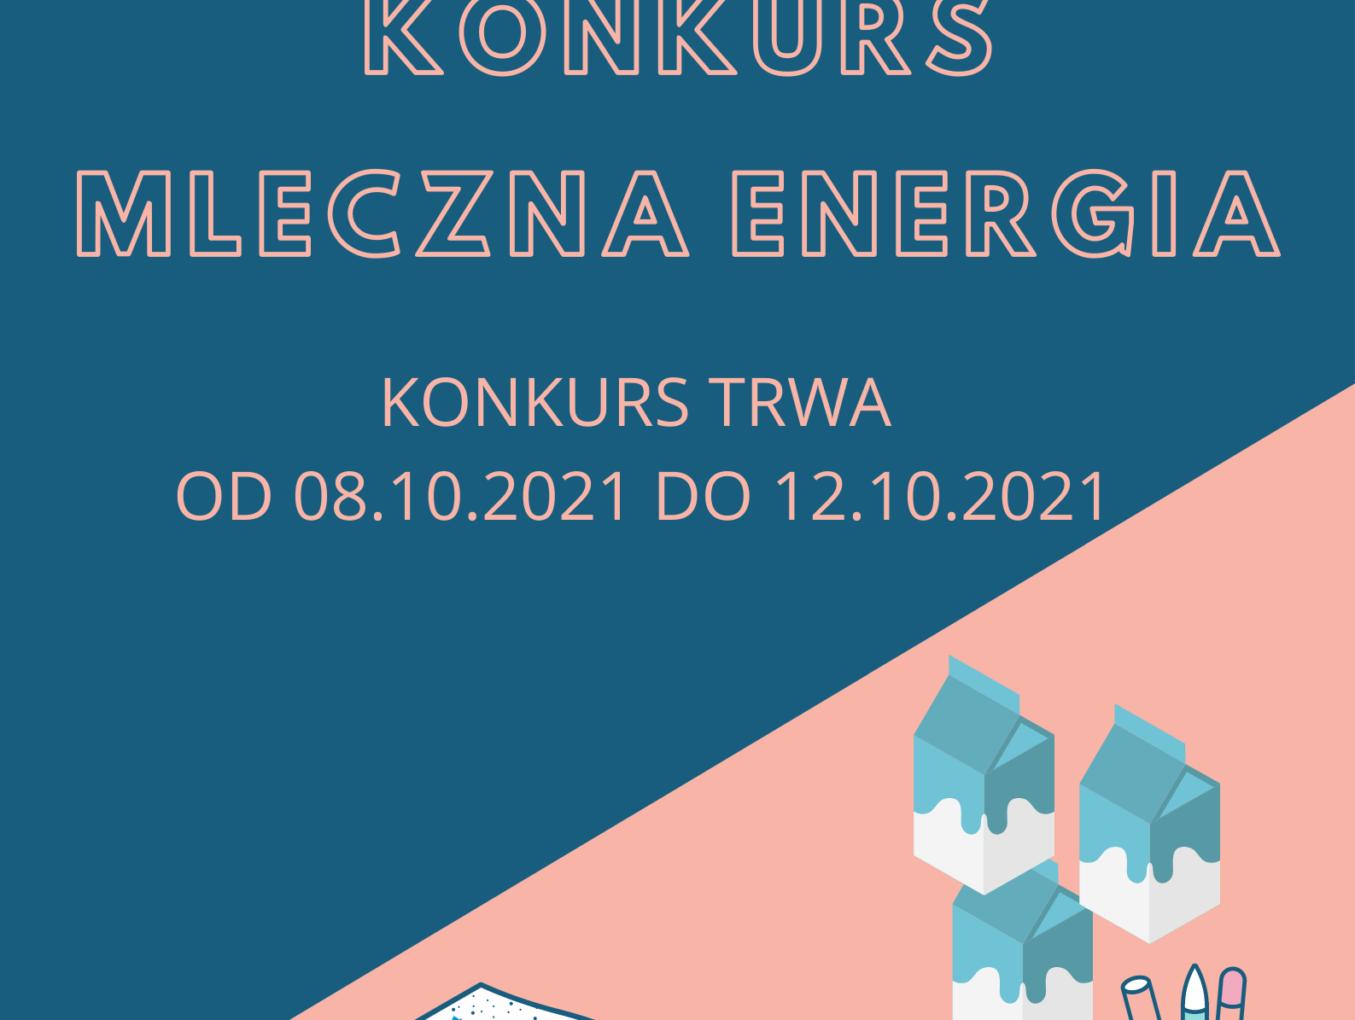 Konkurs pt. Mleczna energia